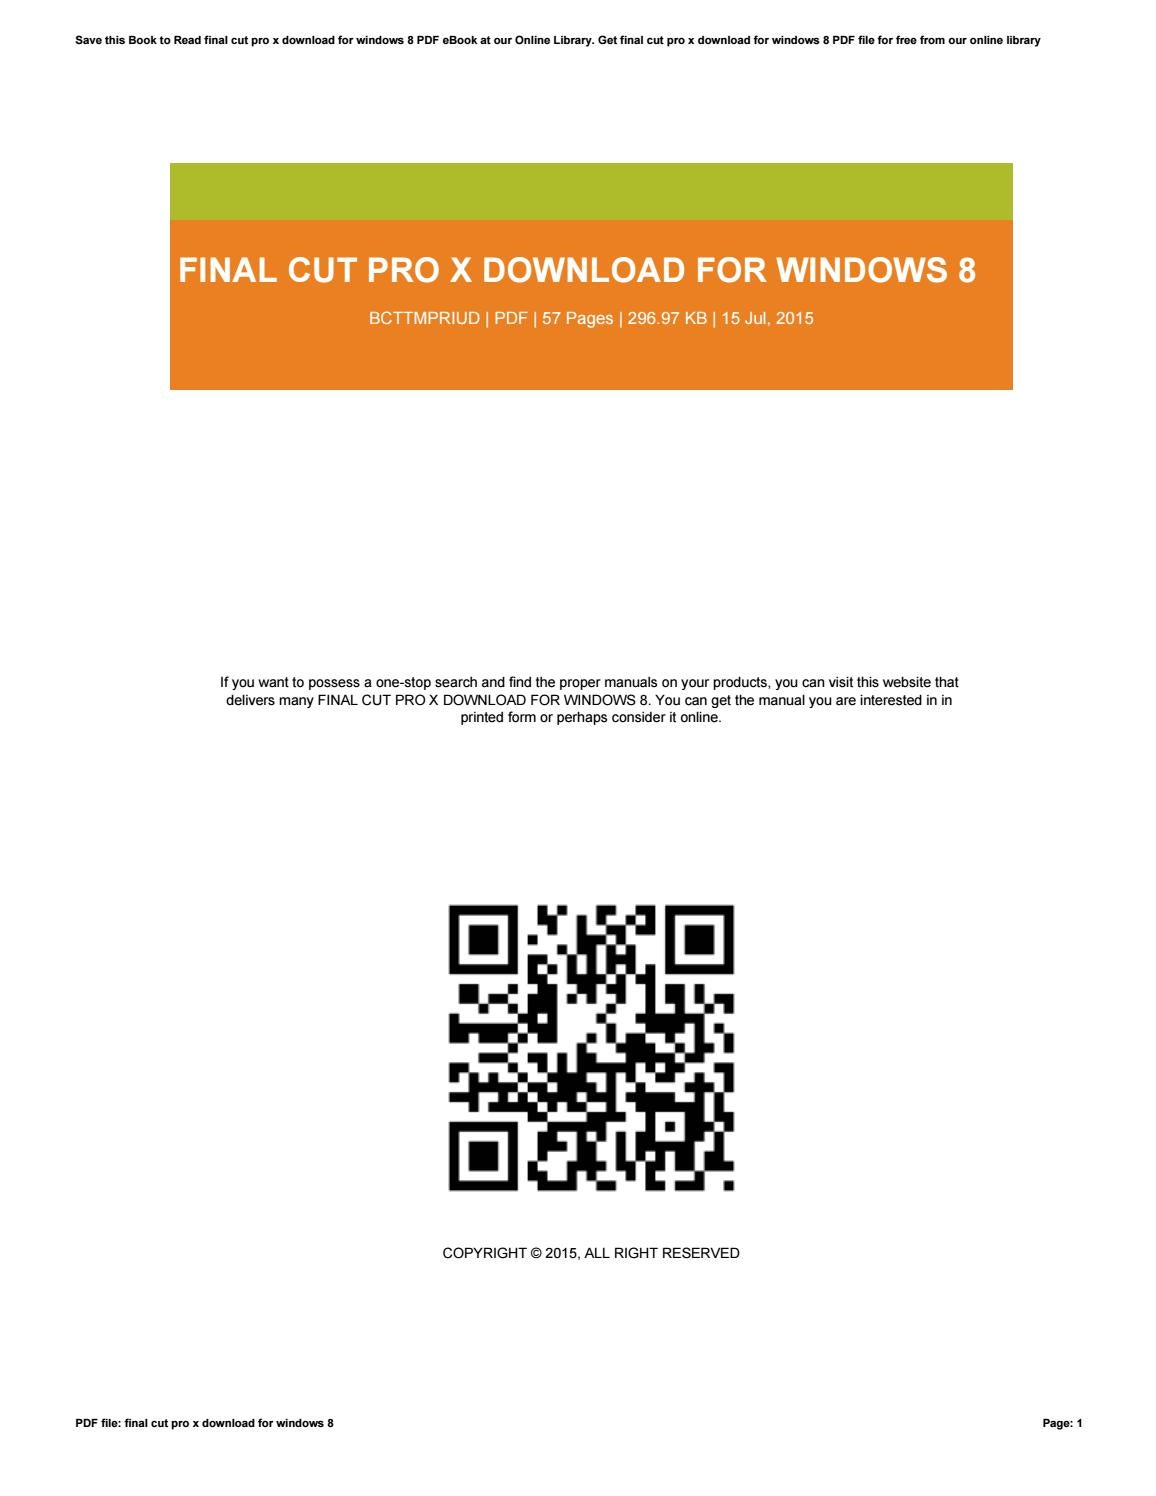 Final cut pro x v10. 0. 9: commercial editing techniques.